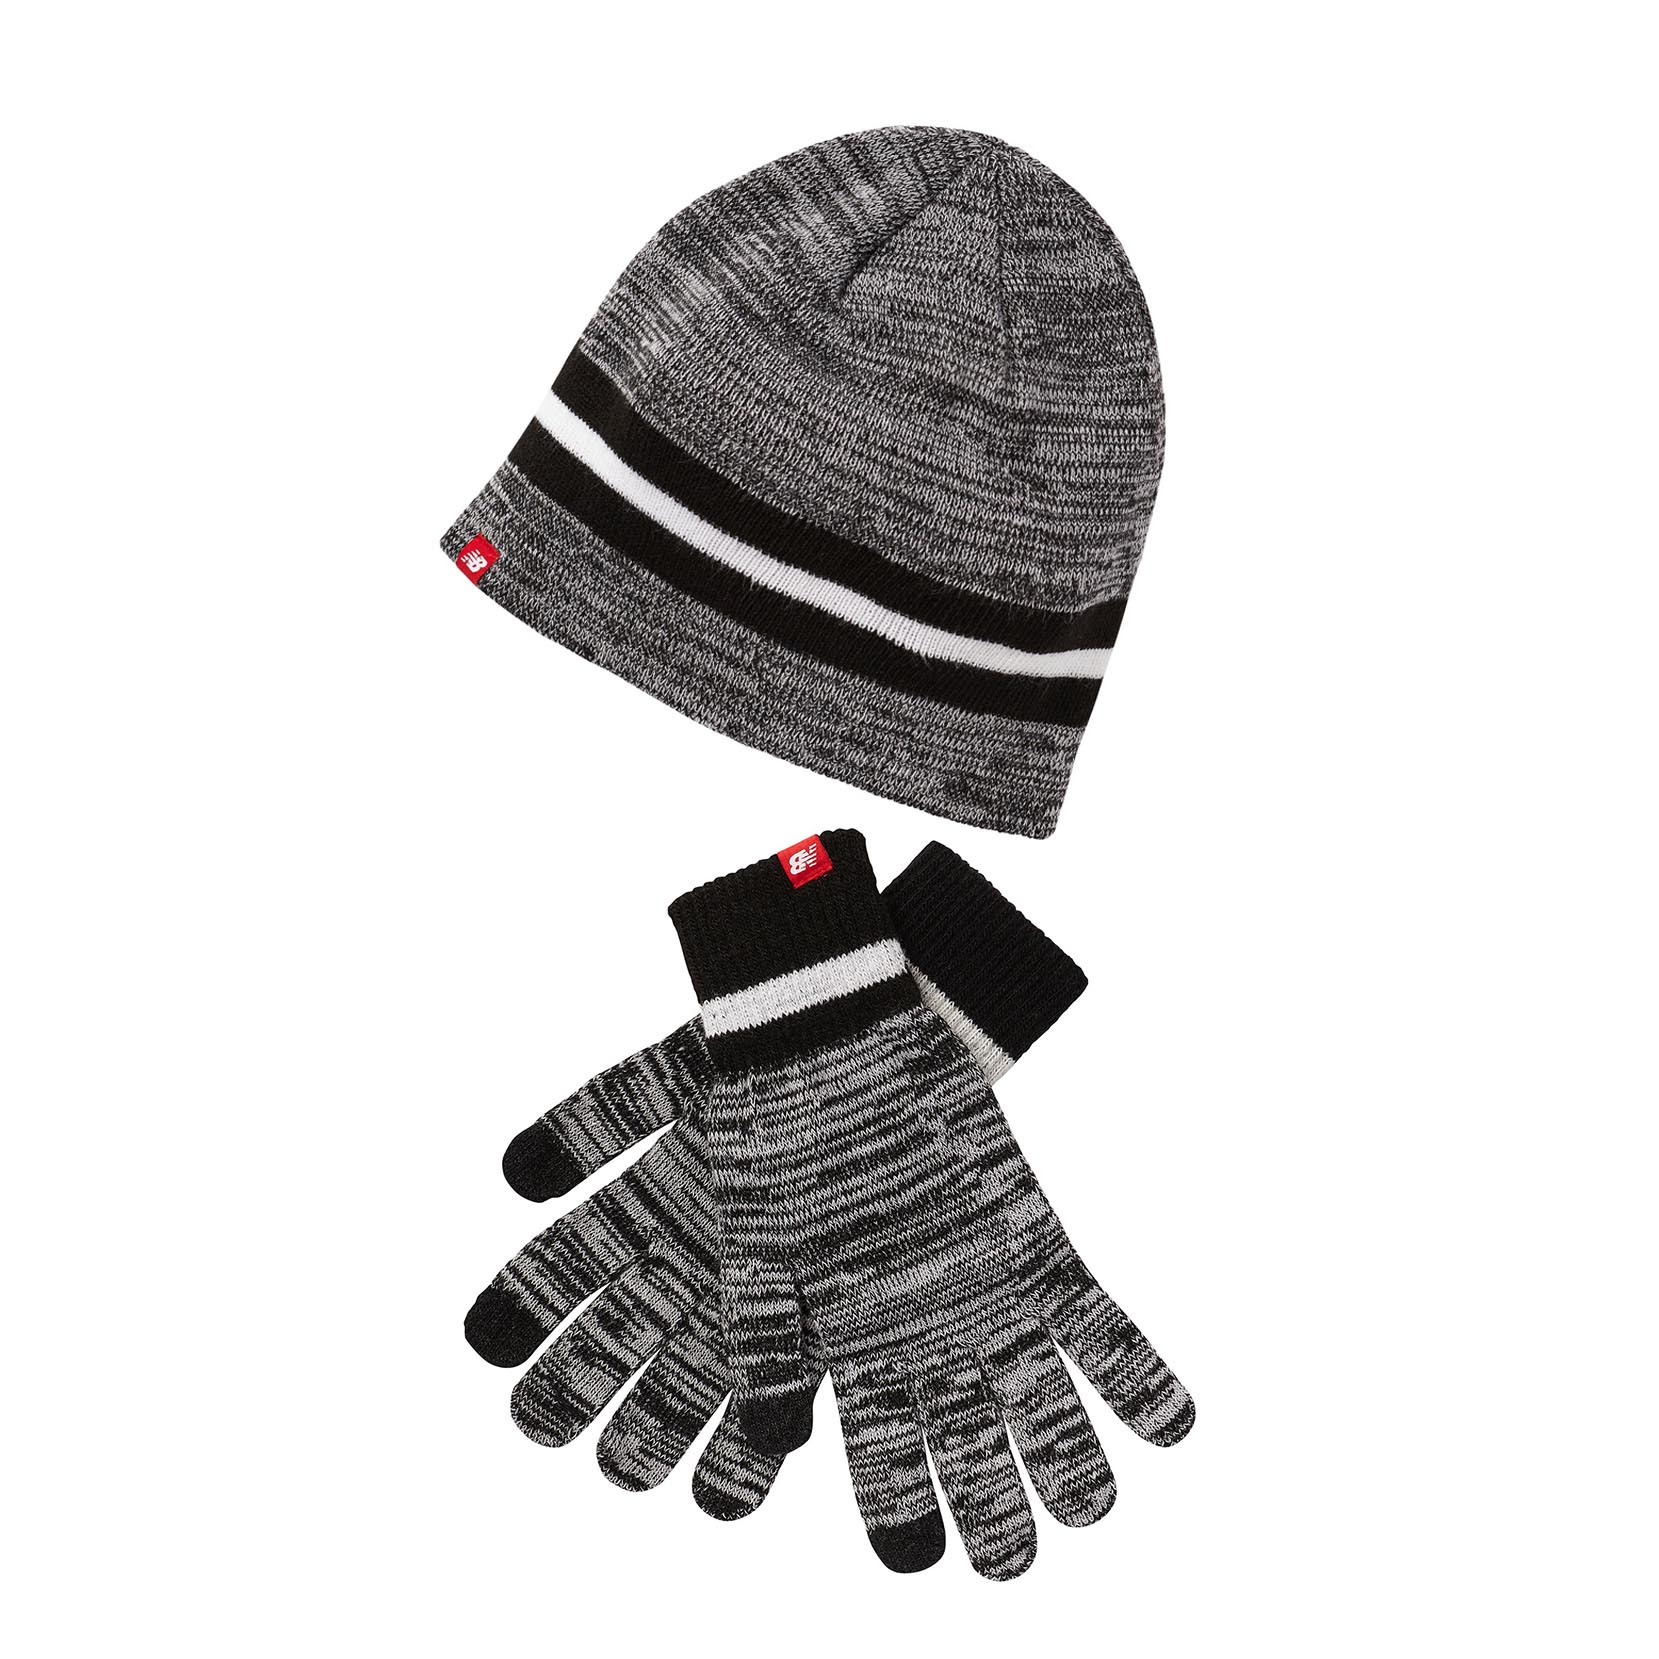 Шапка та рукавиці BEANIE & GLOVES GIFT SET LAH93014BK | New Balance